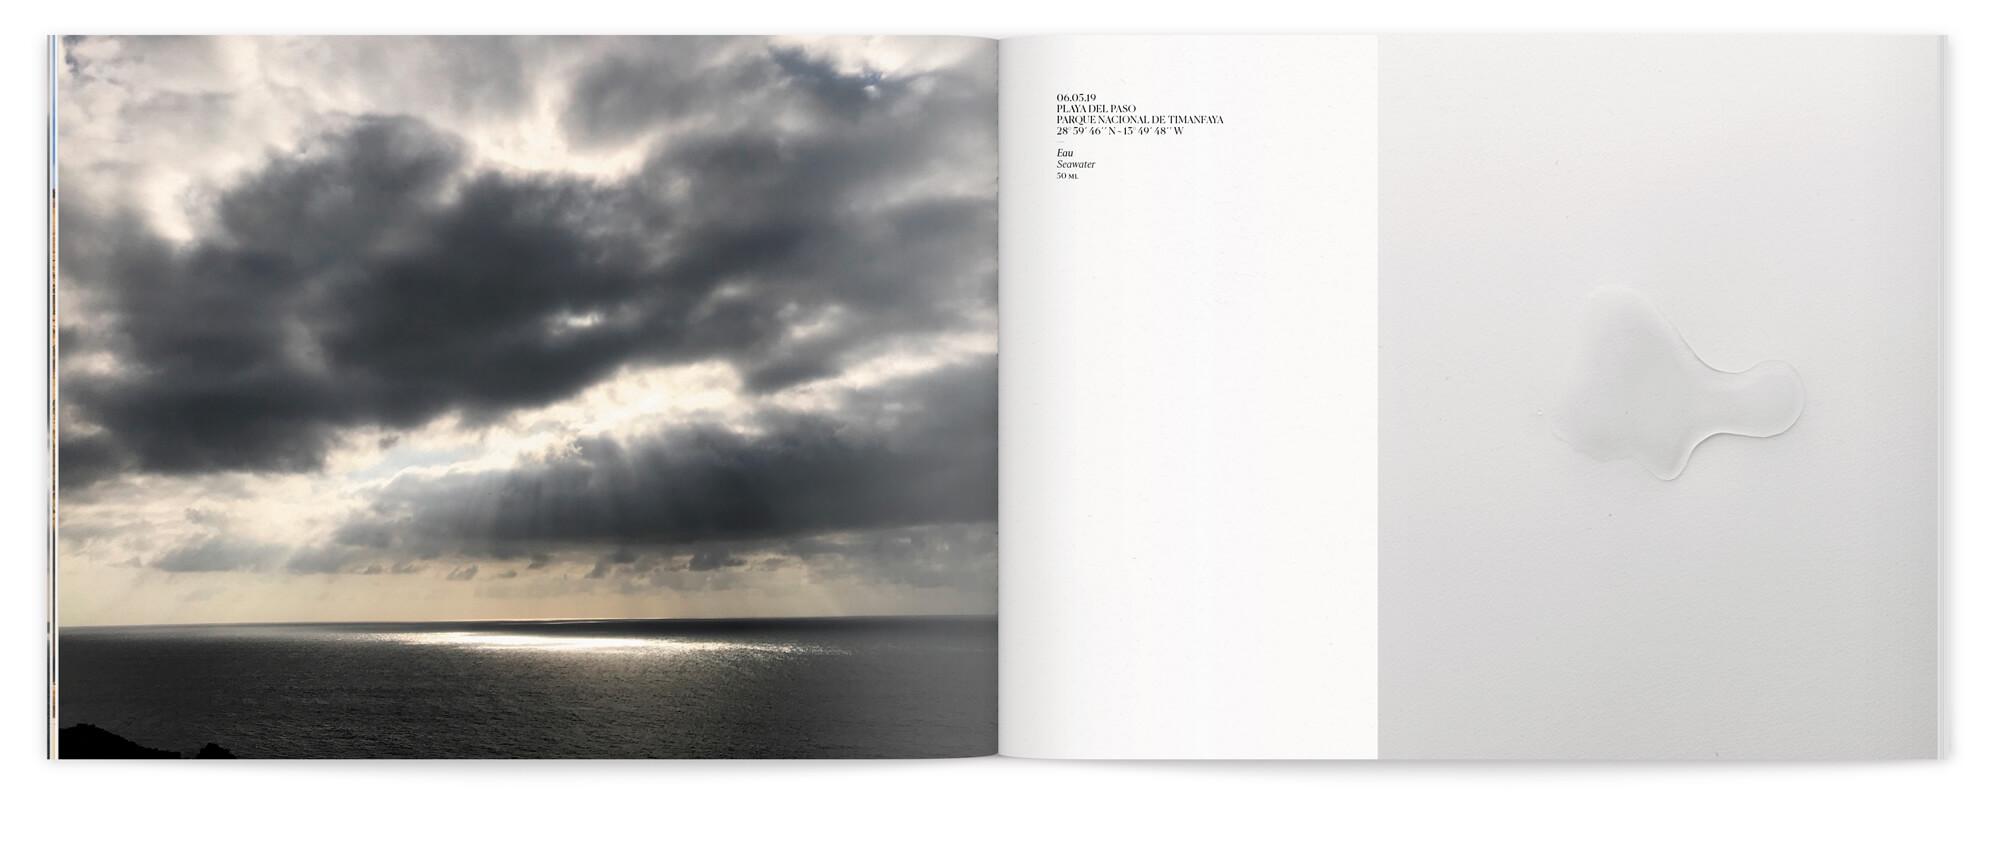 Daniela Busrello utilise ce que la terre lui donne pour réaliser ses peintures, extrait d'eau de mer sur cette double page du livre d'artiste.